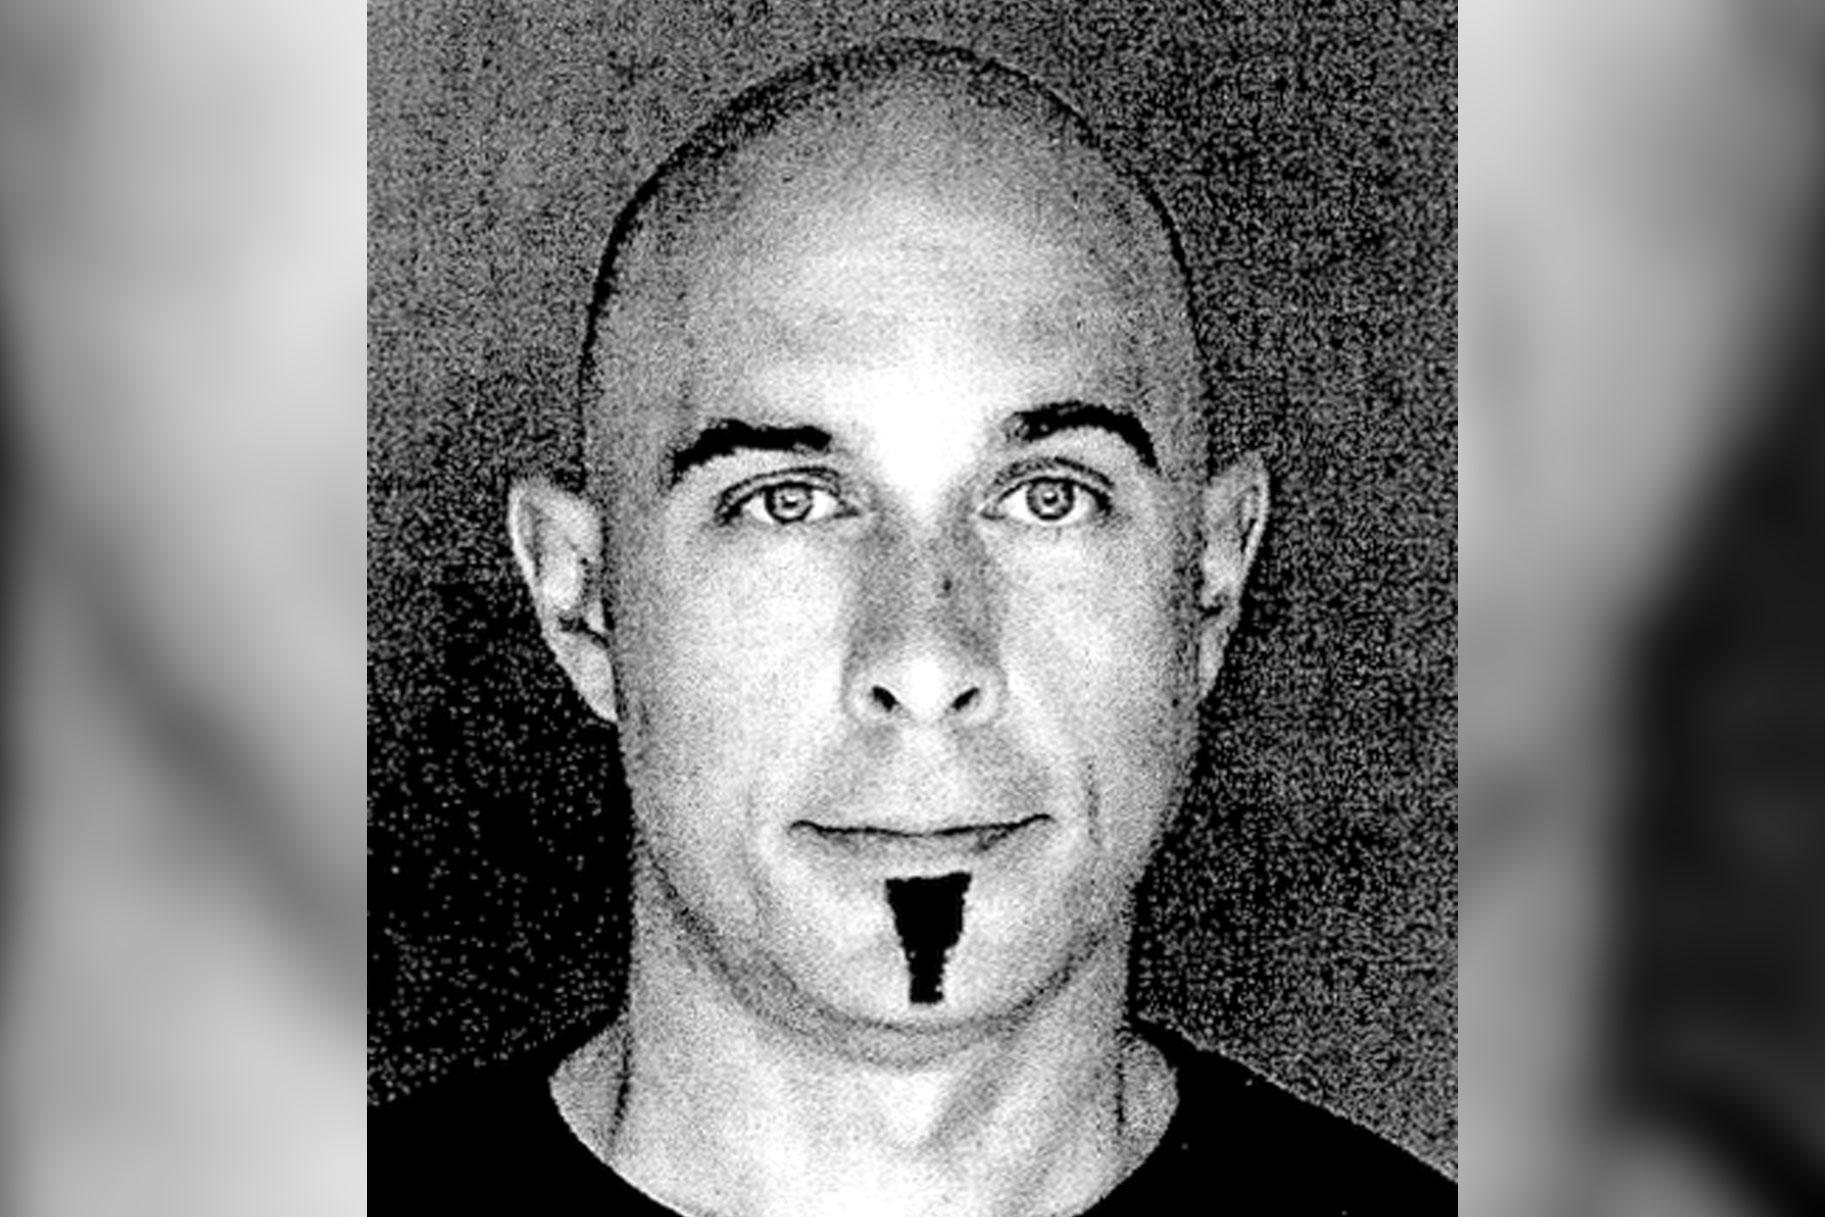 איש רוצח אשתו לשעבר של חבר בשוד לא נכון